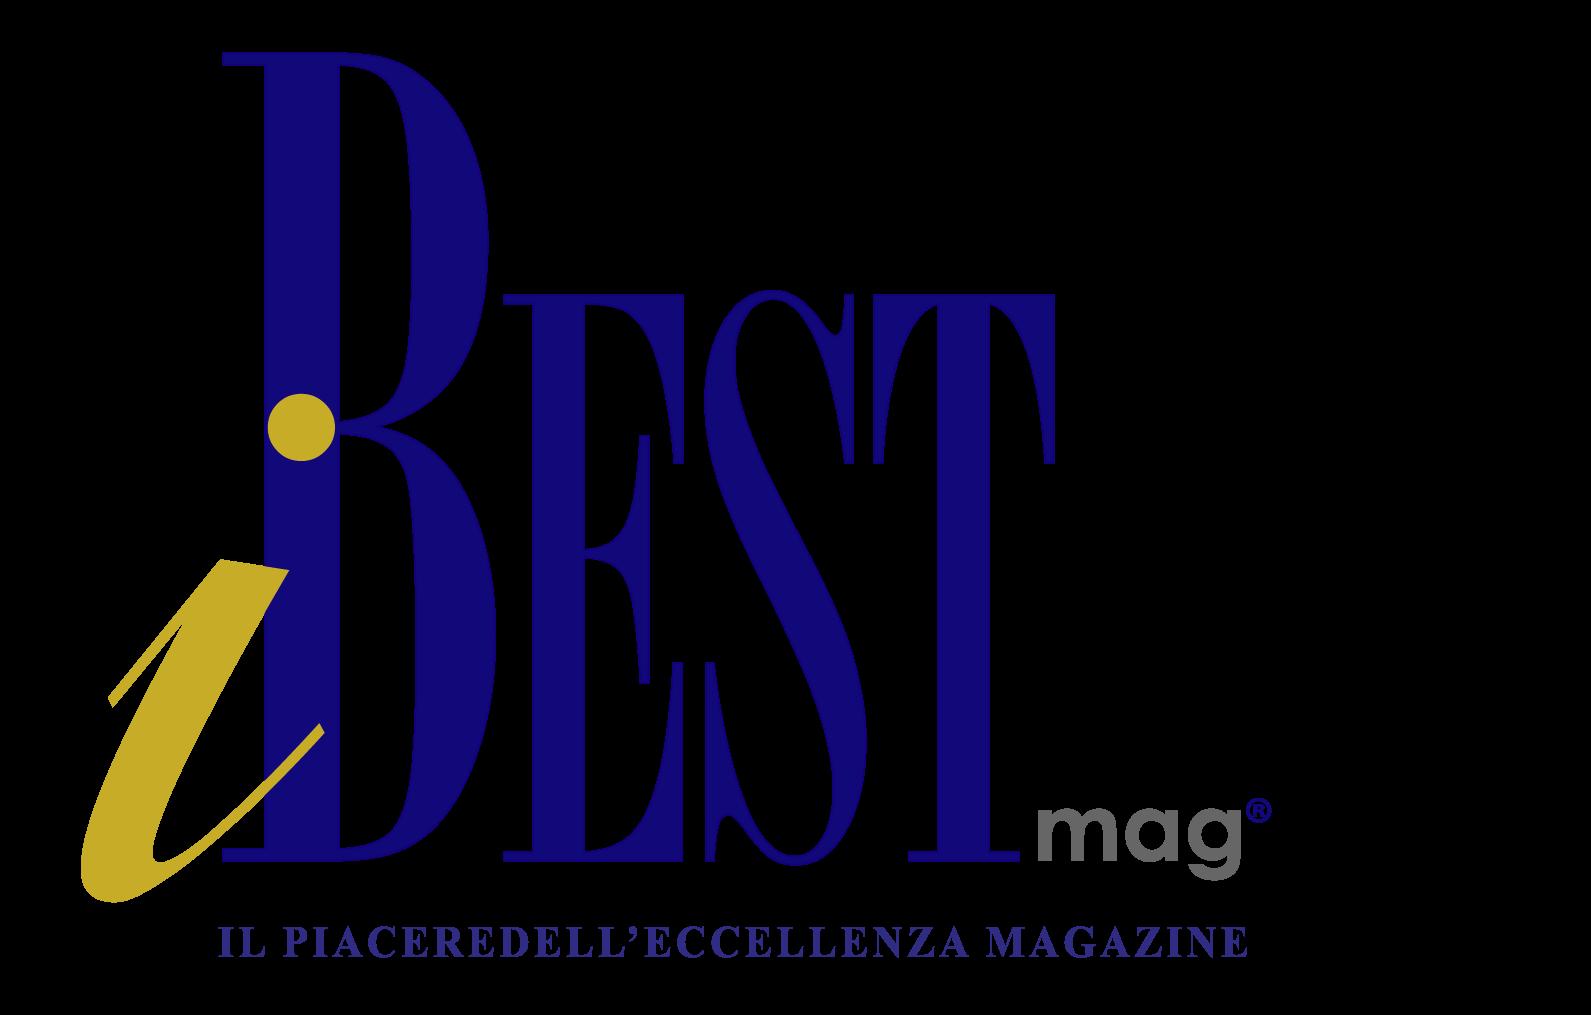 iBESTmag – Il Piacere dell'Eccellenza Magazine